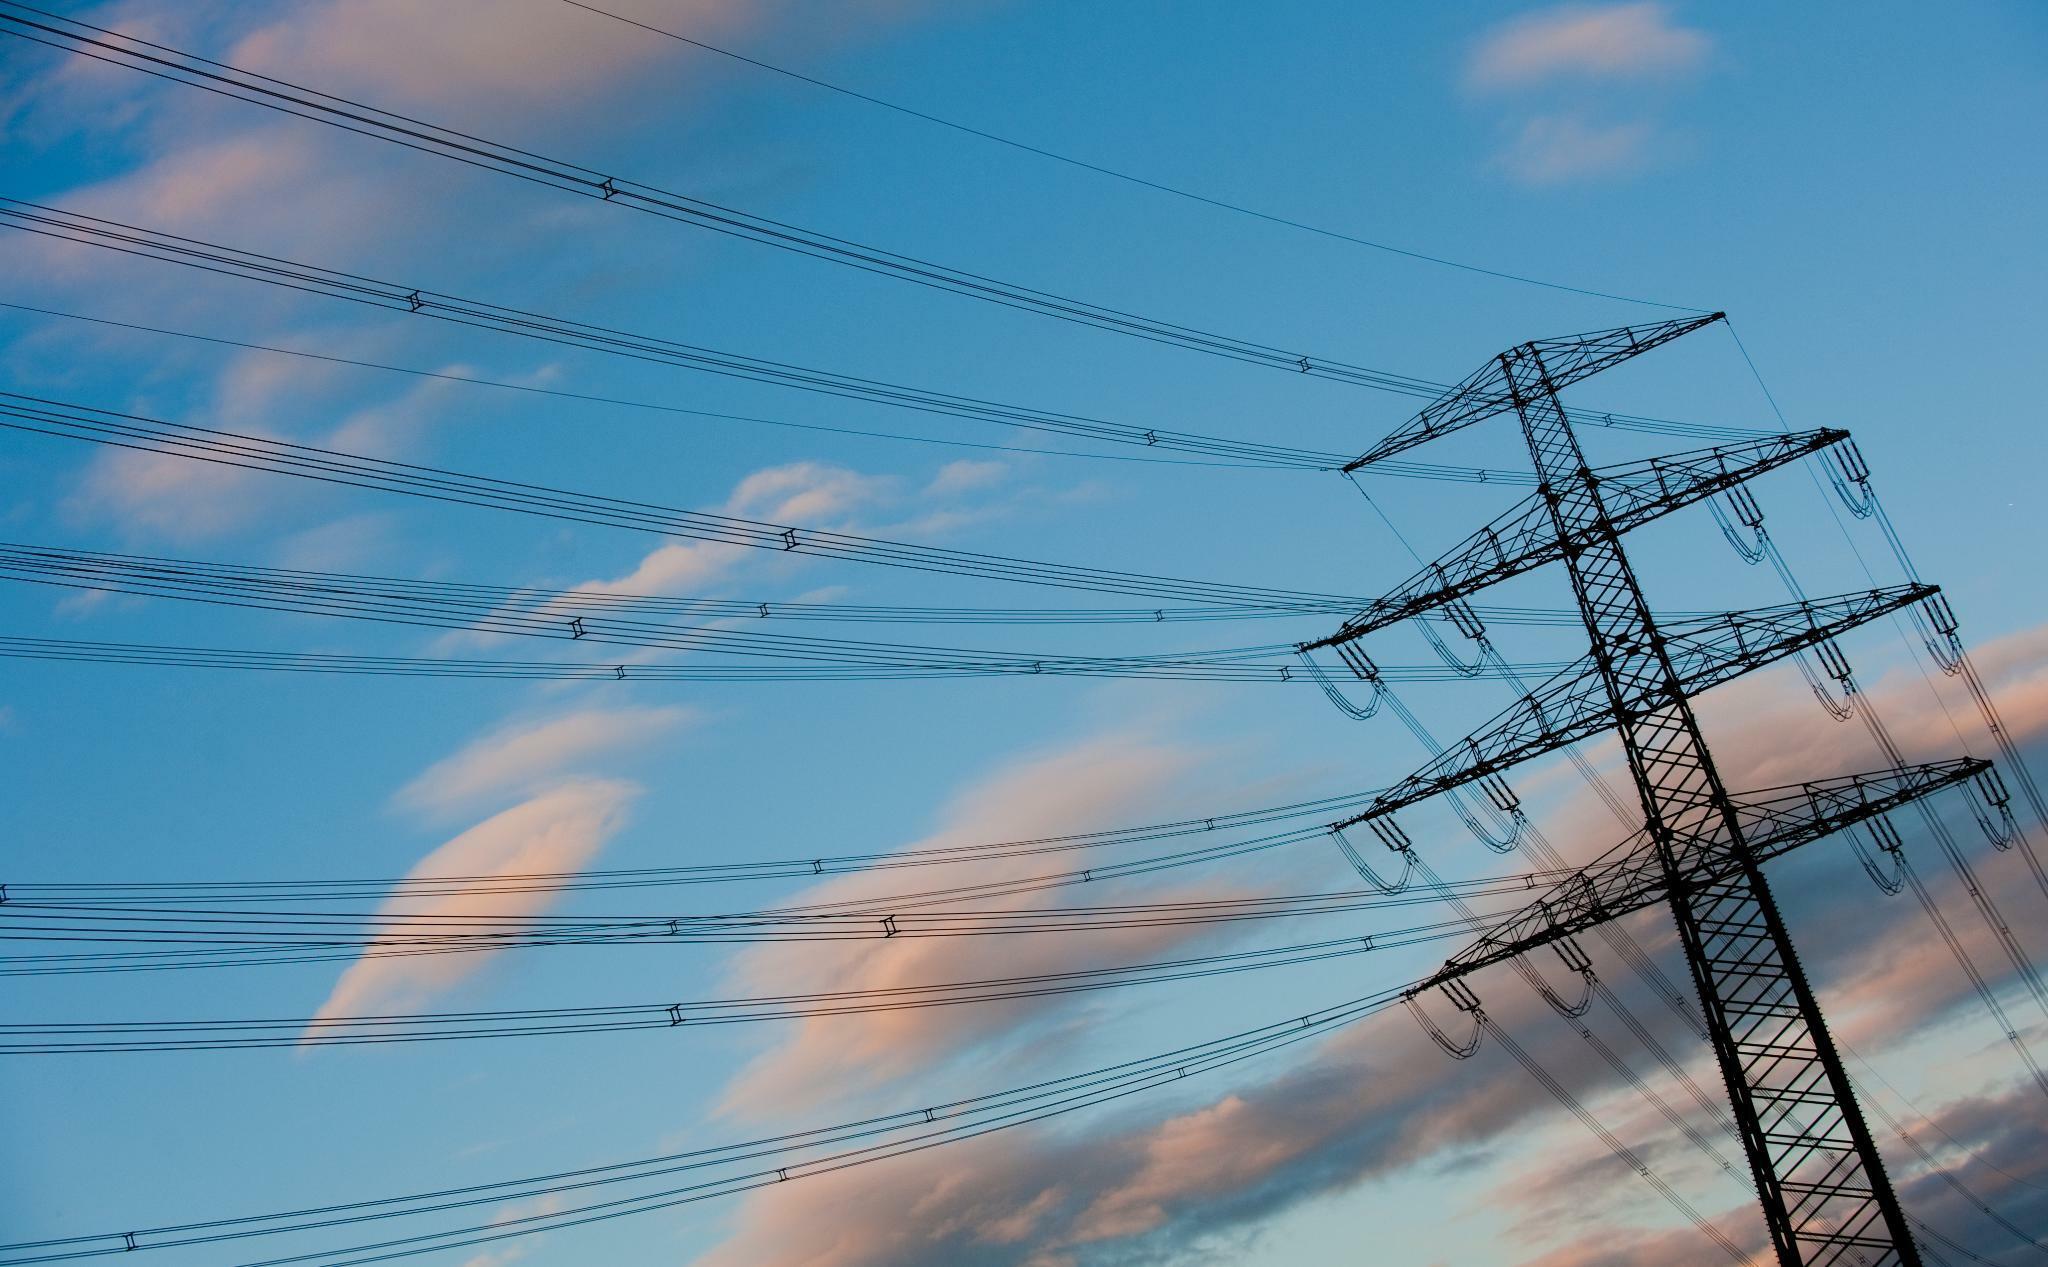 EEG-Umlage: DIHK fordert deutliche Senkung der Stromkosten